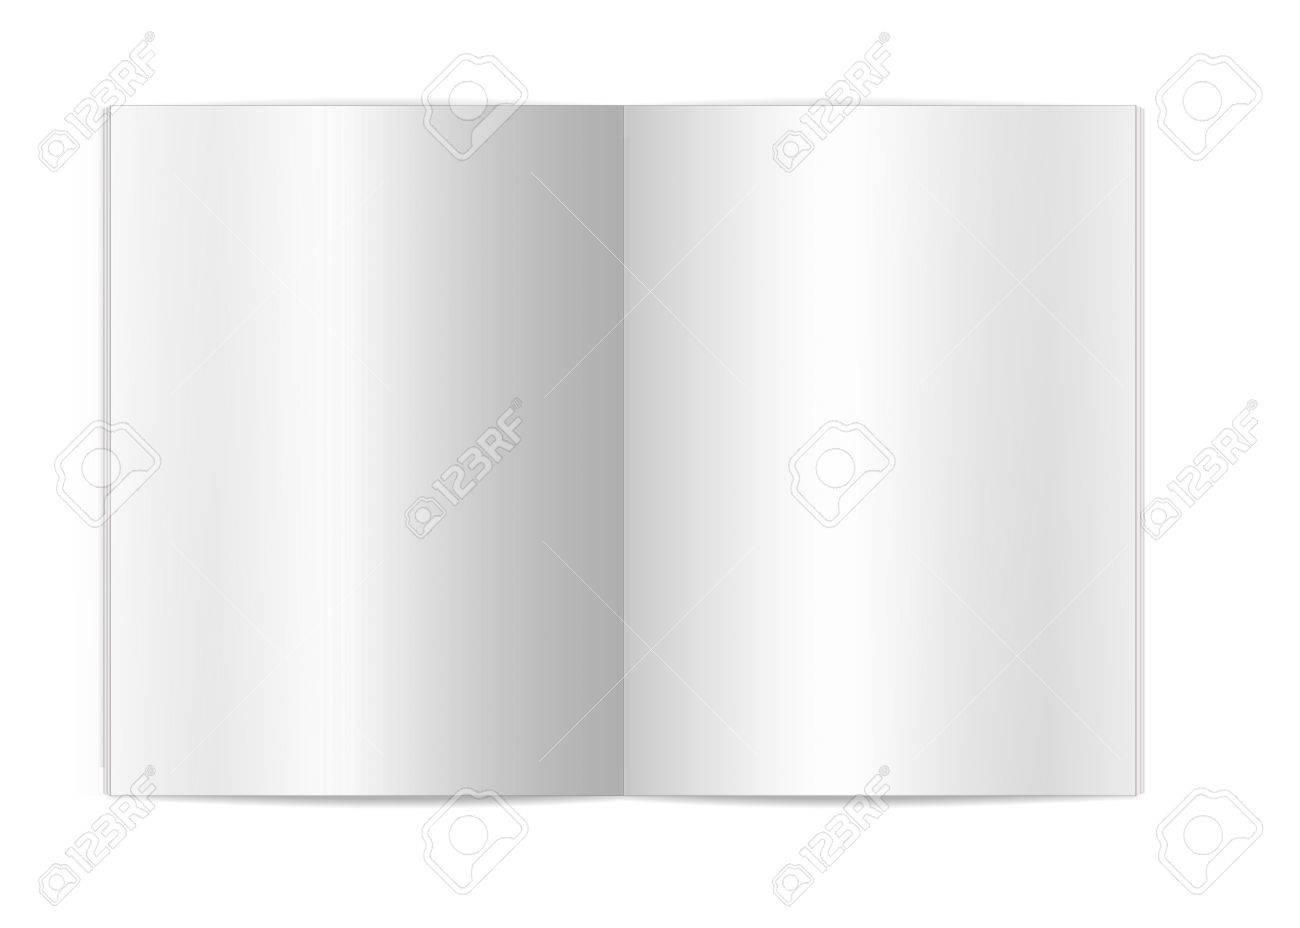 Isolierte Weißen Hintergrund Leer Buch Seiten Für Vorlage Und ...